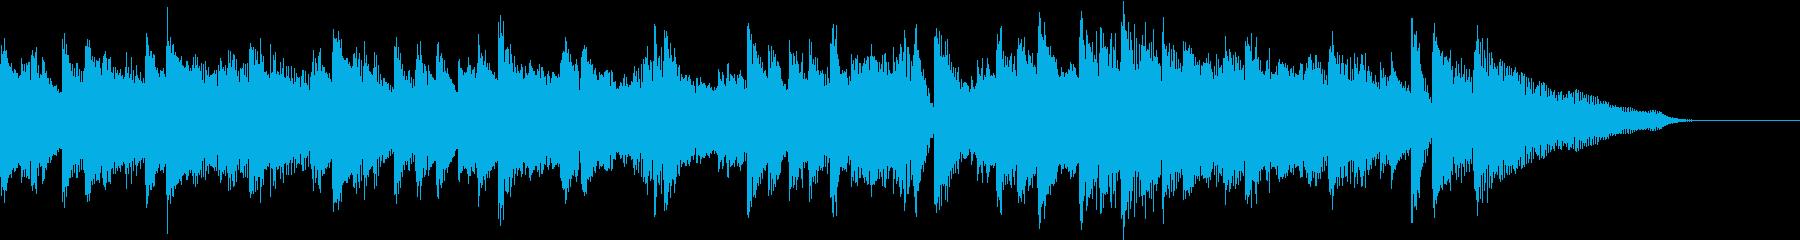 軽快カントリーウエスタンピアノジングルの再生済みの波形